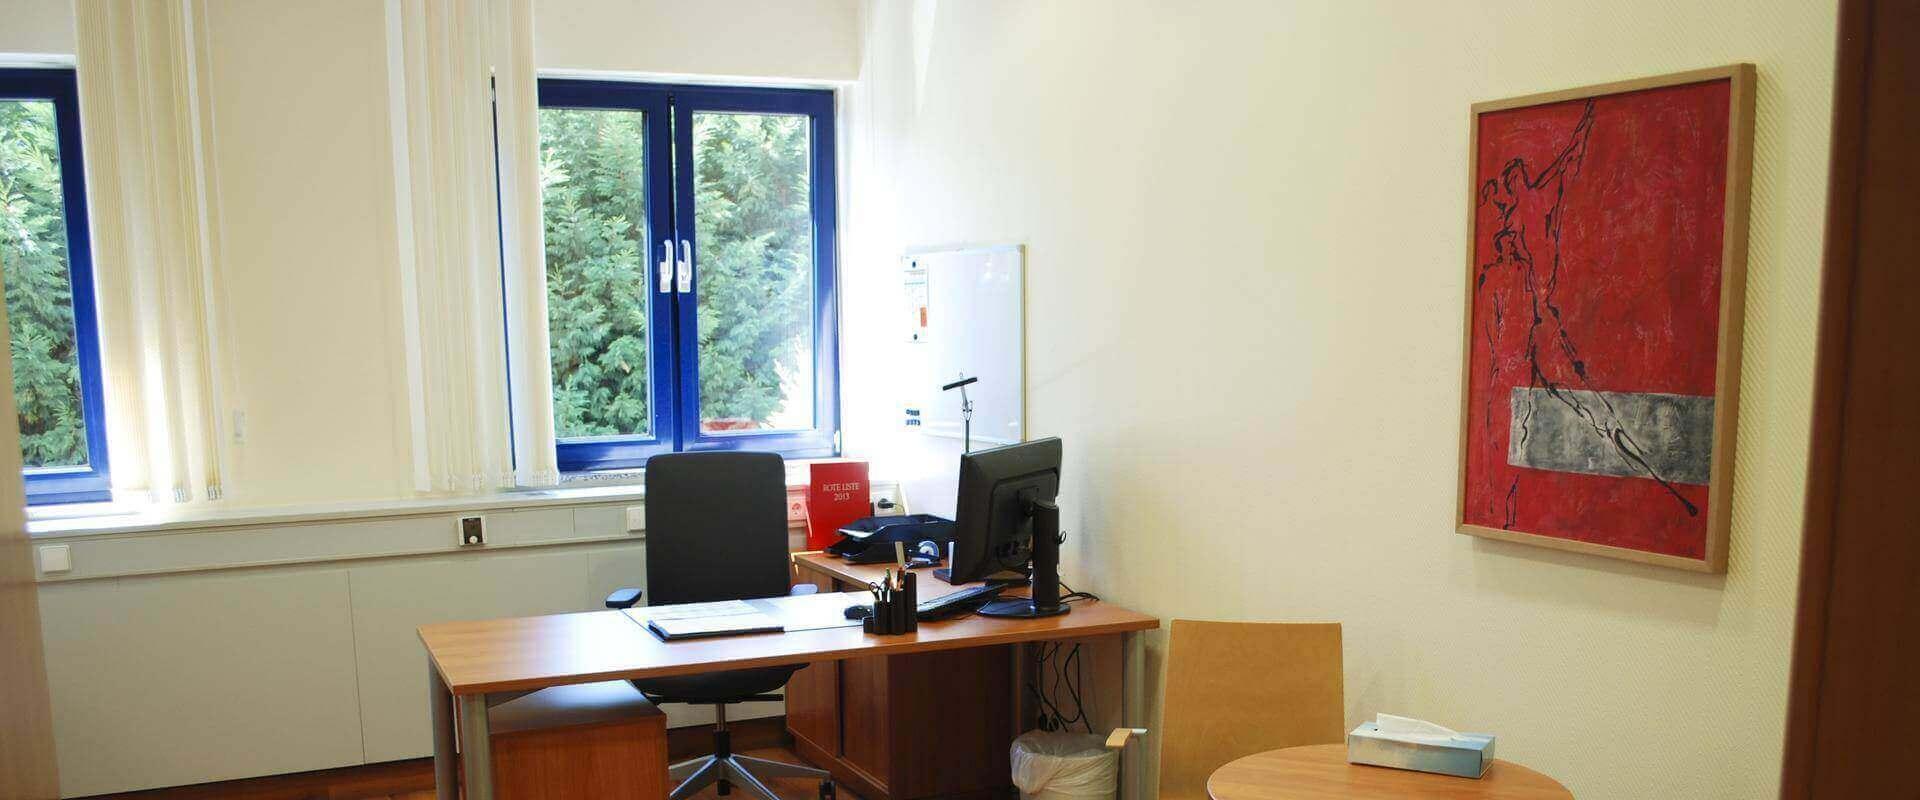 Anmeldung in der MEDIAN Tagesklinik Grünstadt